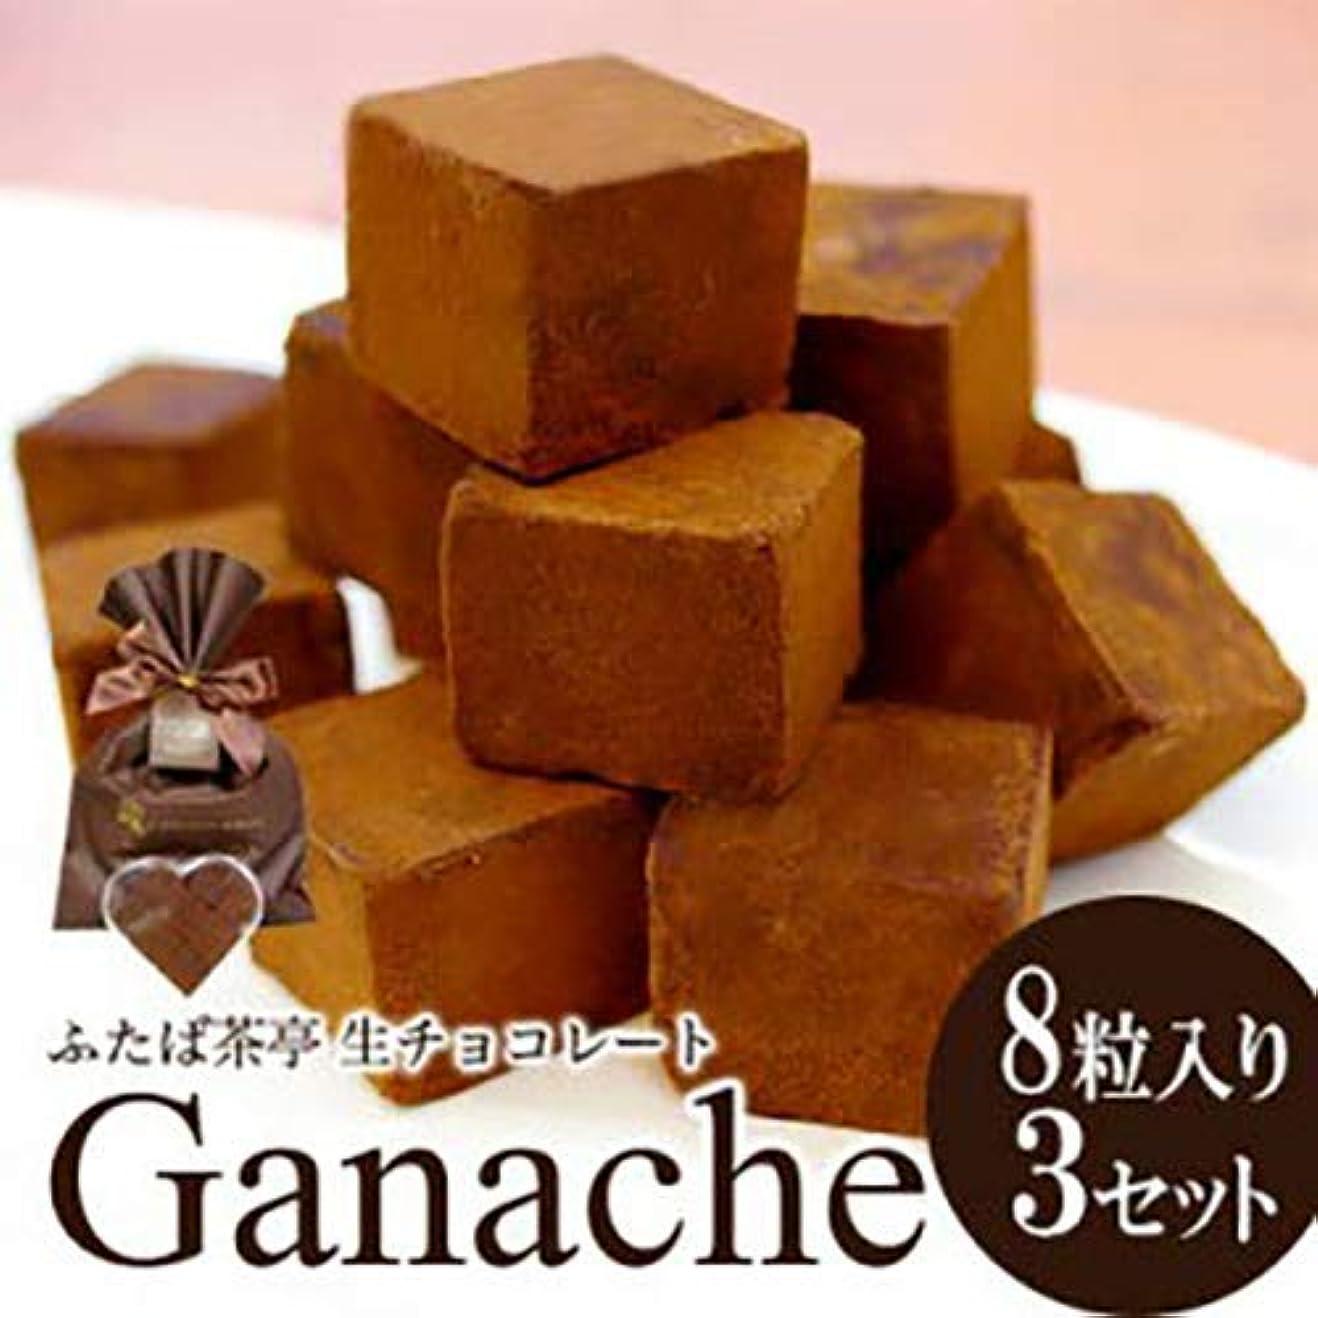 悪行失態想定する母の日 ふたば茶亭 ハートケース入り生チョコレート 8粒入×3セット